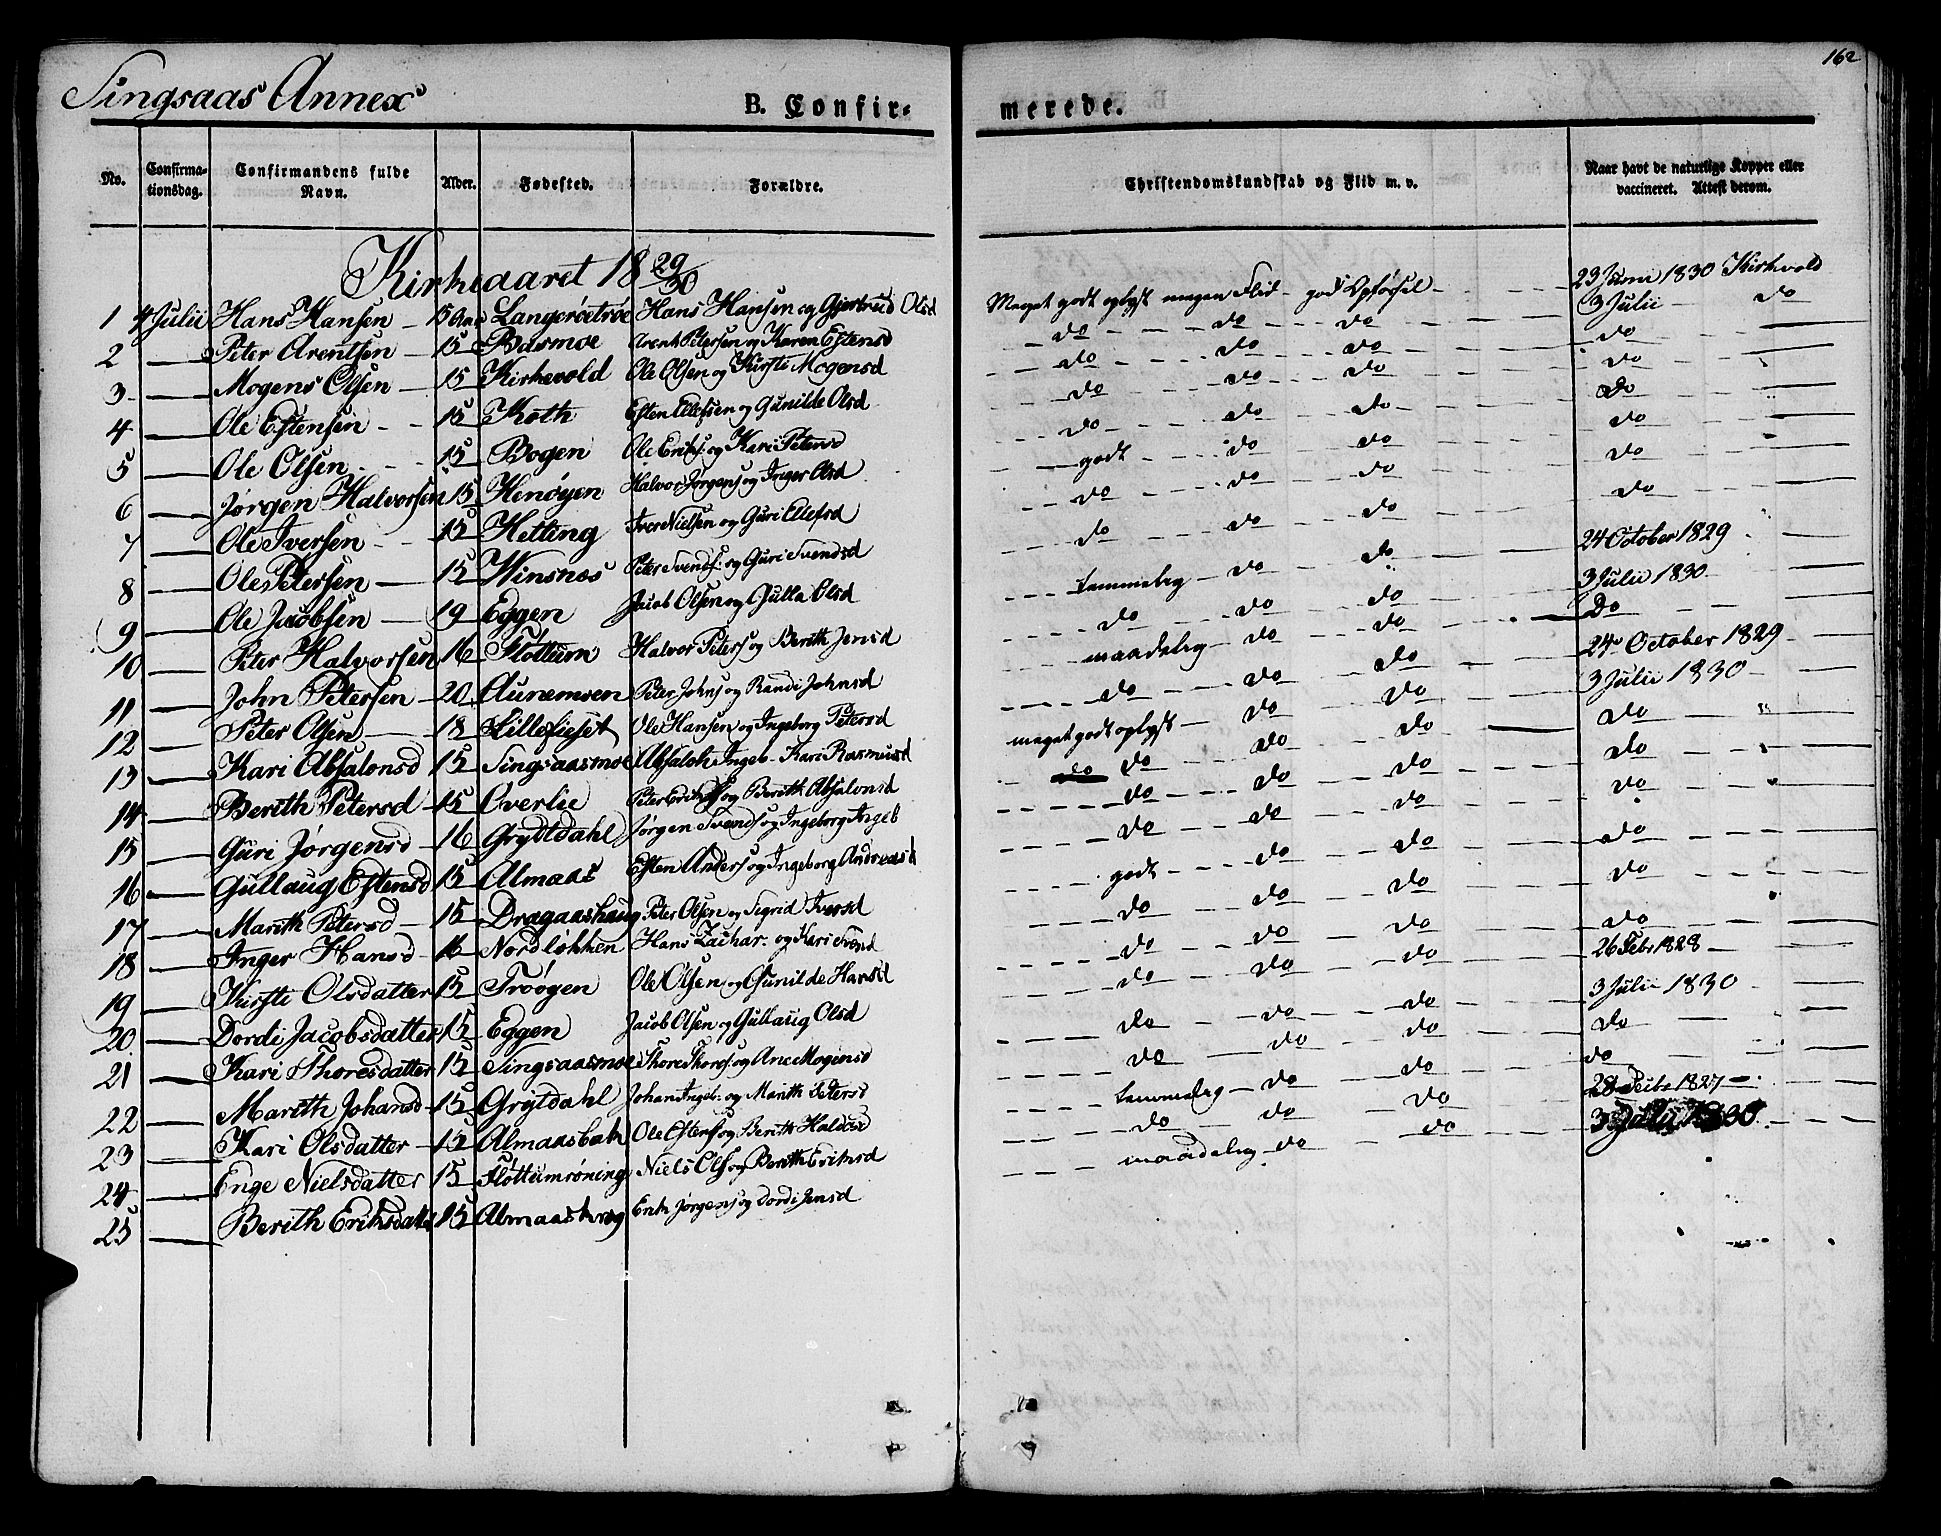 SAT, Ministerialprotokoller, klokkerbøker og fødselsregistre - Sør-Trøndelag, 685/L0958: Ministerialbok nr. 685A04 /2, 1829-1845, s. 162